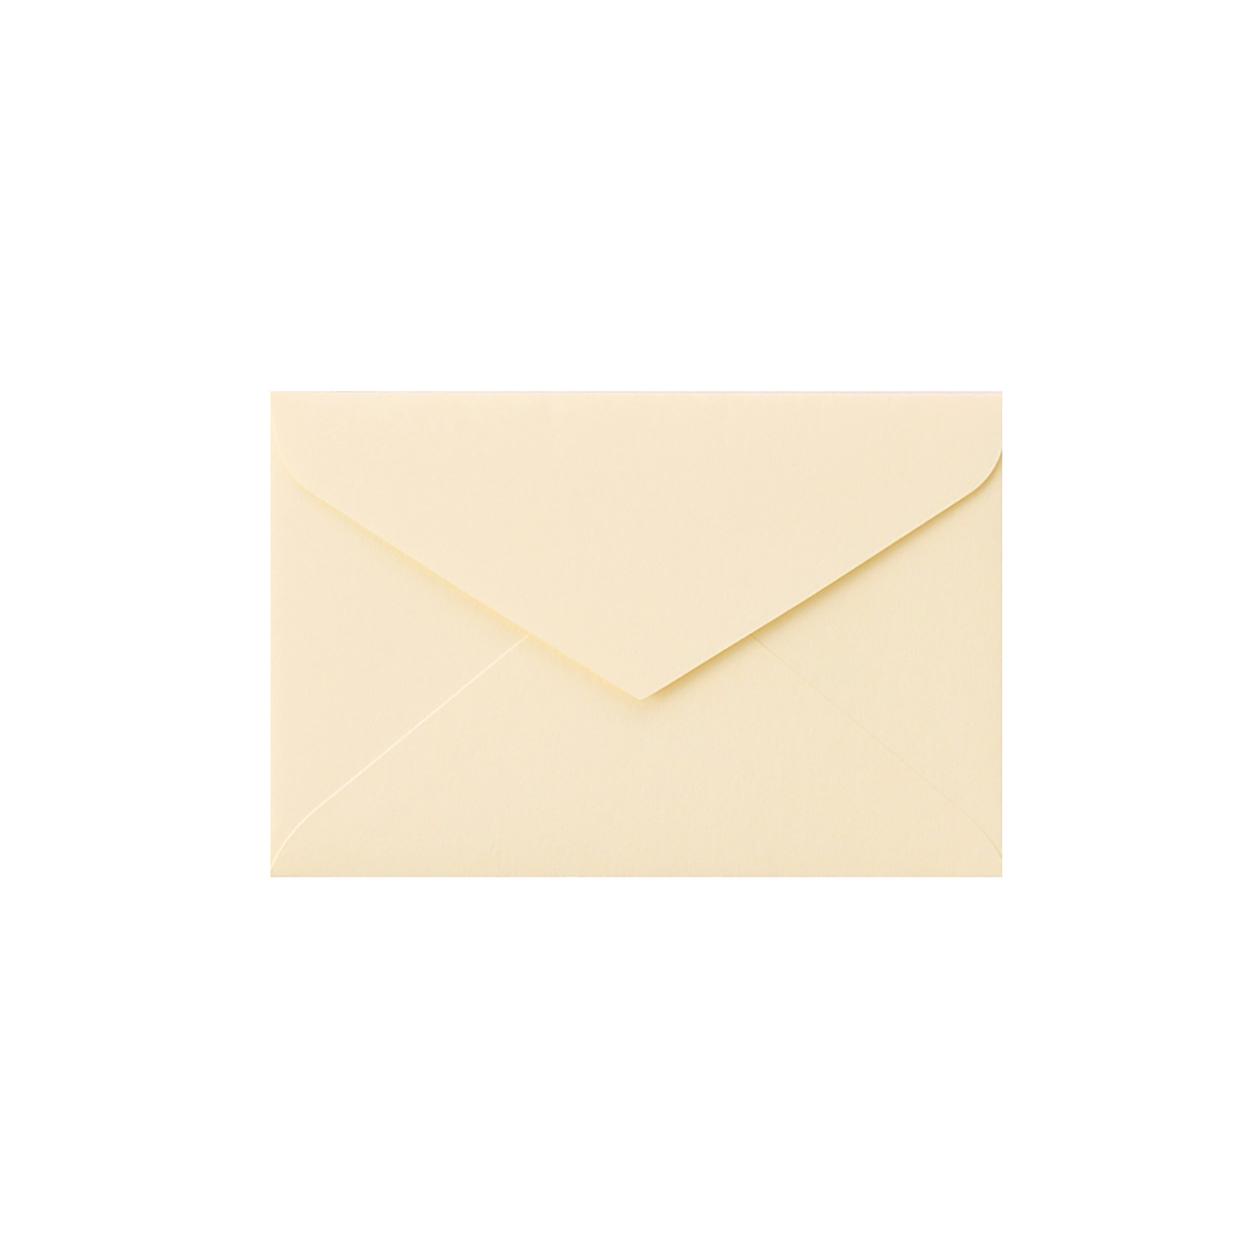 NEダイア封筒 コットン ナチュラル 116.3g